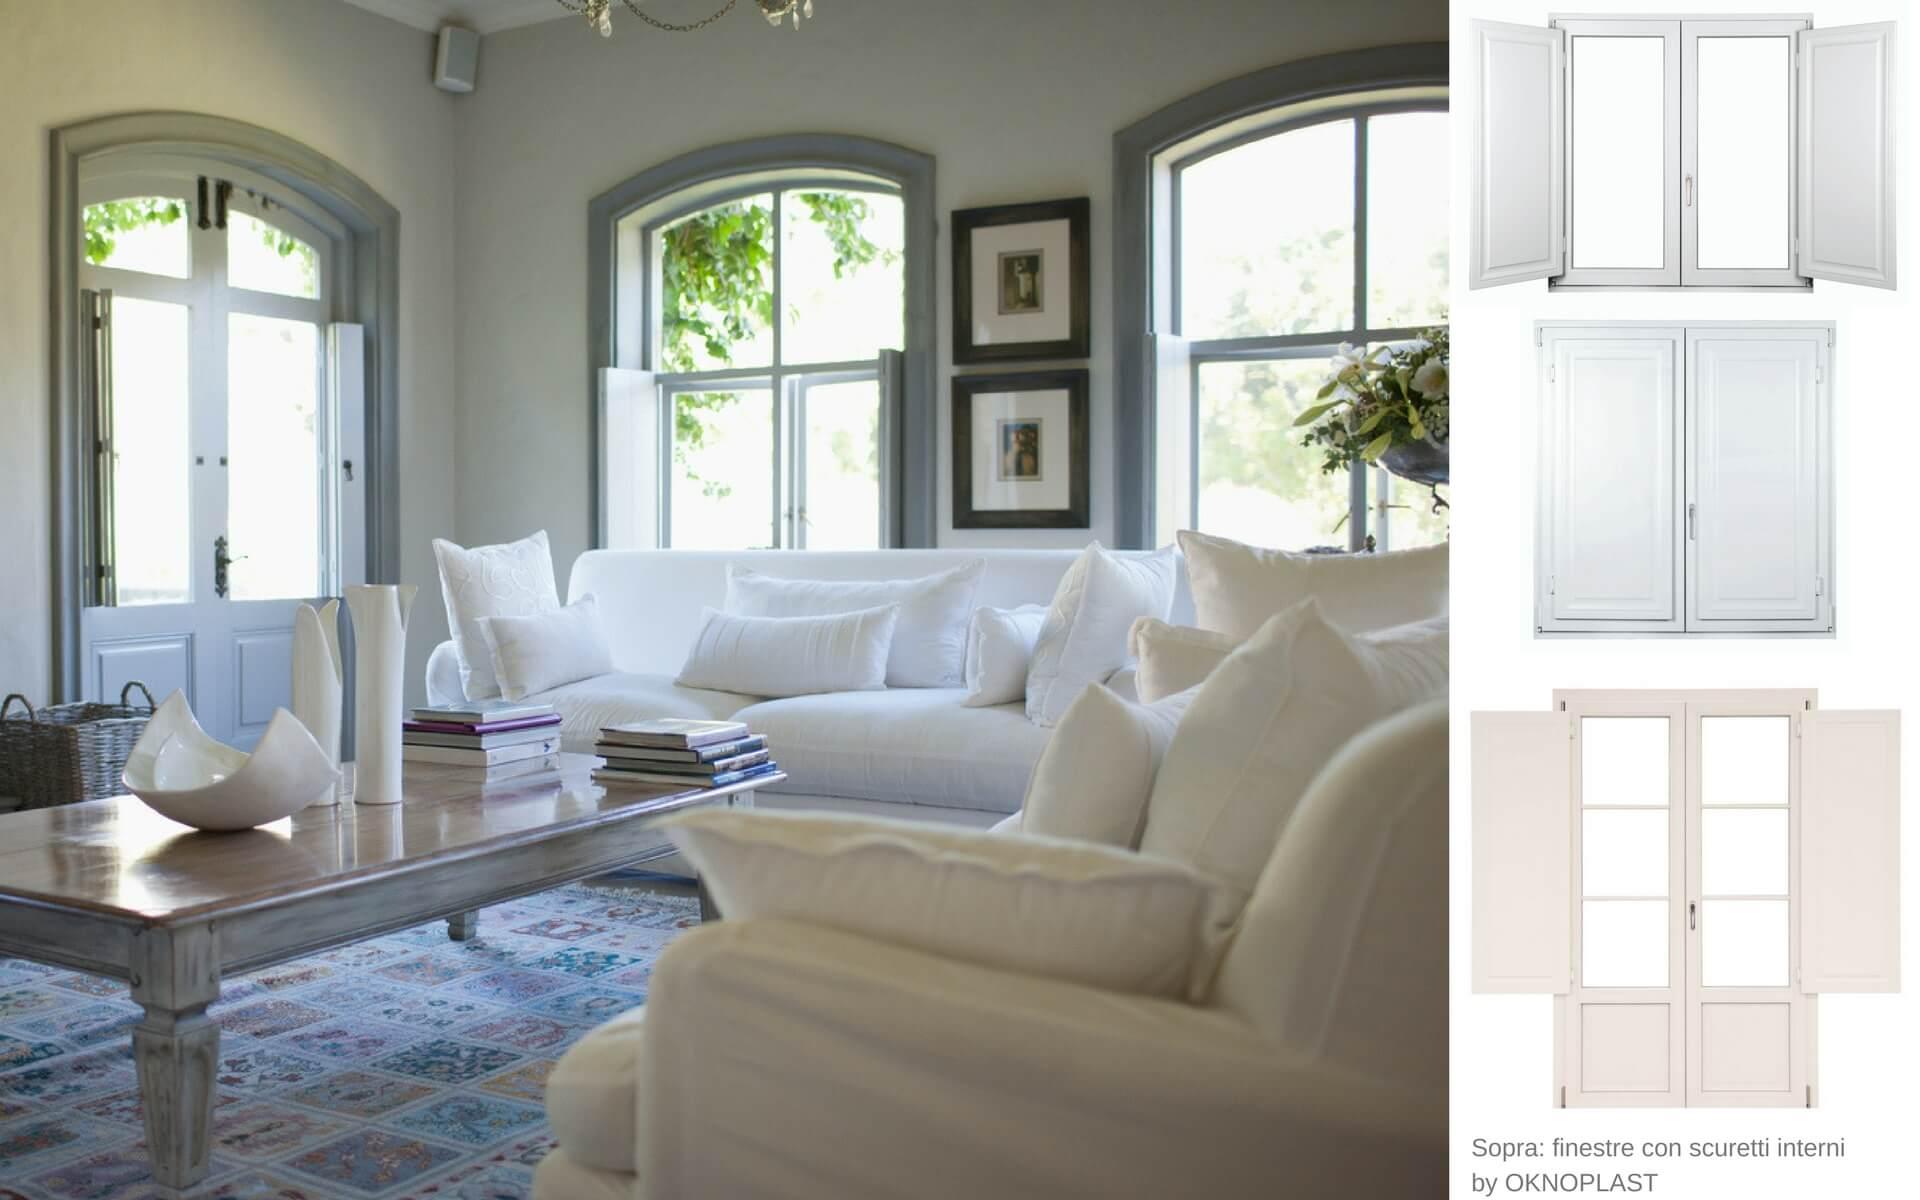 Come arredare la casa in stile provenzale blog oknoplast for Arredamento stile provenzale